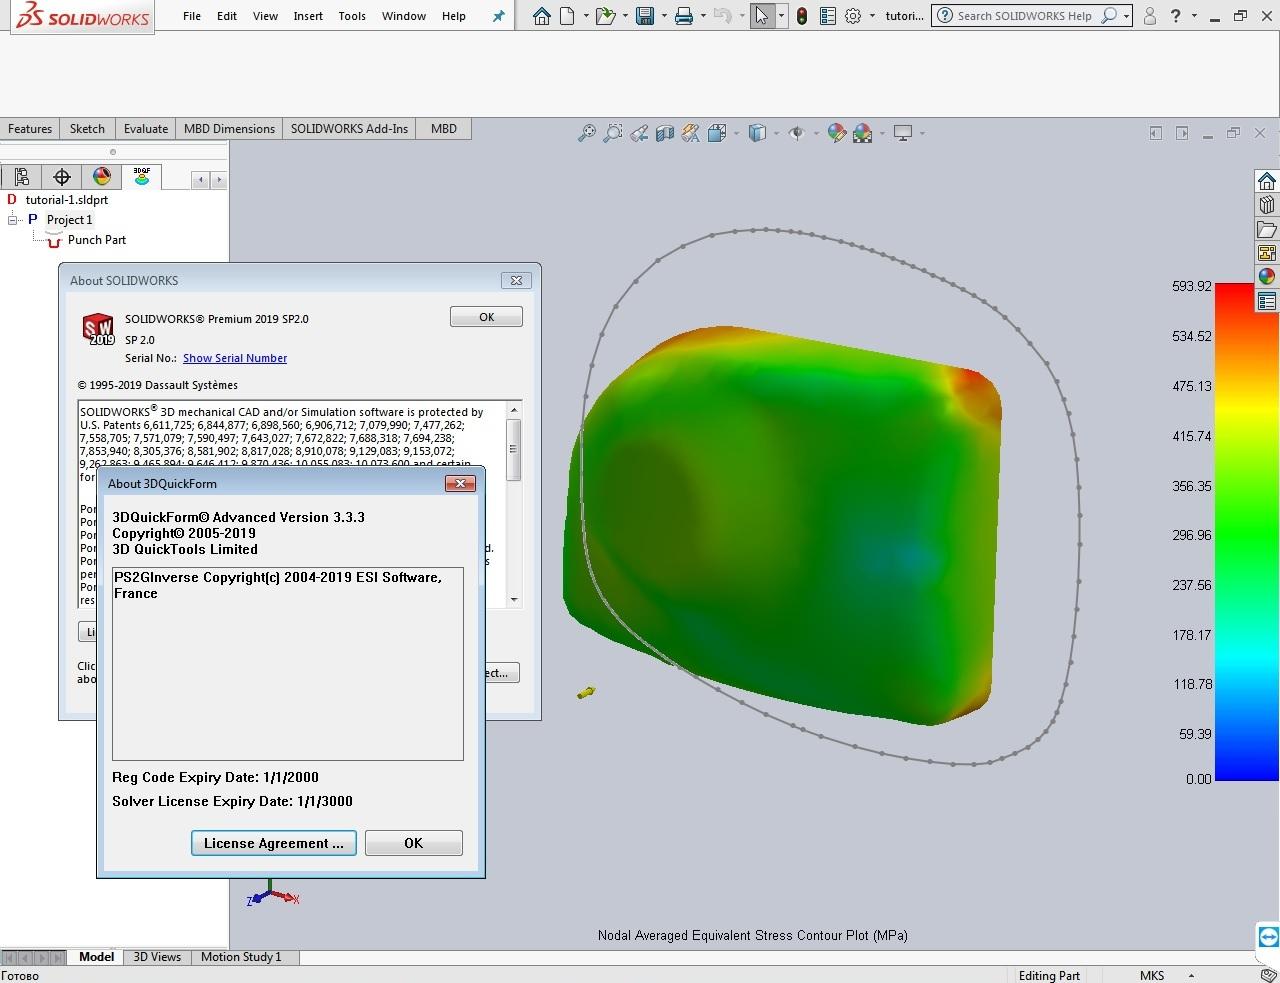 Download 3DQuickForm v3.3.3 for SolidWorks 2009-2019 x64 full license